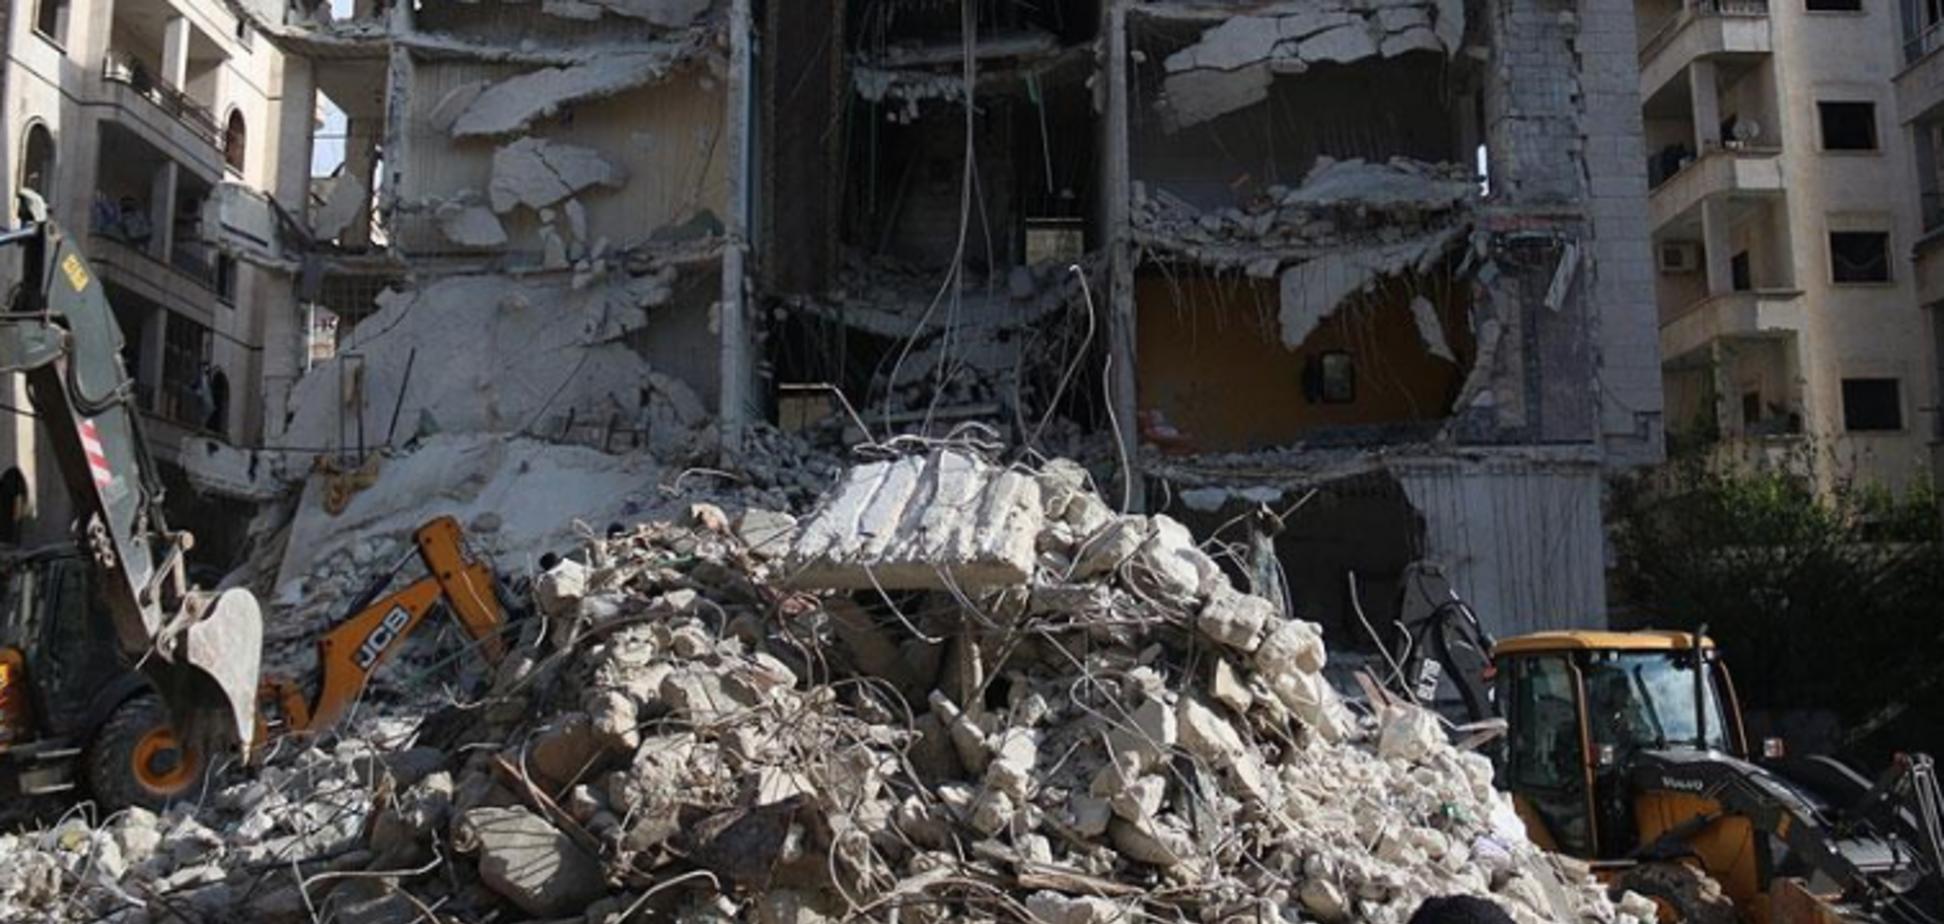 В Ідлібі прогримів потужний вибух у будинку: близько 30 жертв, більше сотні поранених